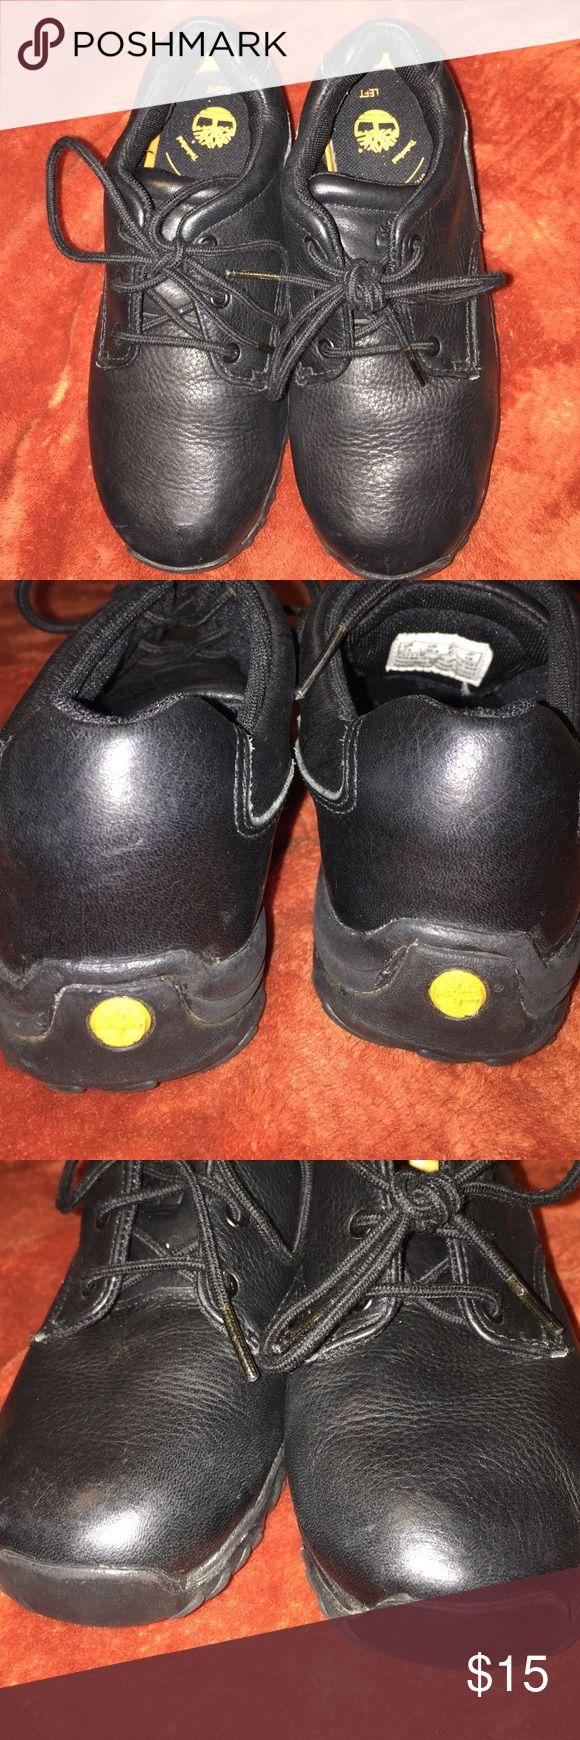 TIMBERLAND KIDS. ‼️‼️‼️‼️L I K E.     N E W ‼️‼️‼️‼️ Timberland Shoes Dress Shoes